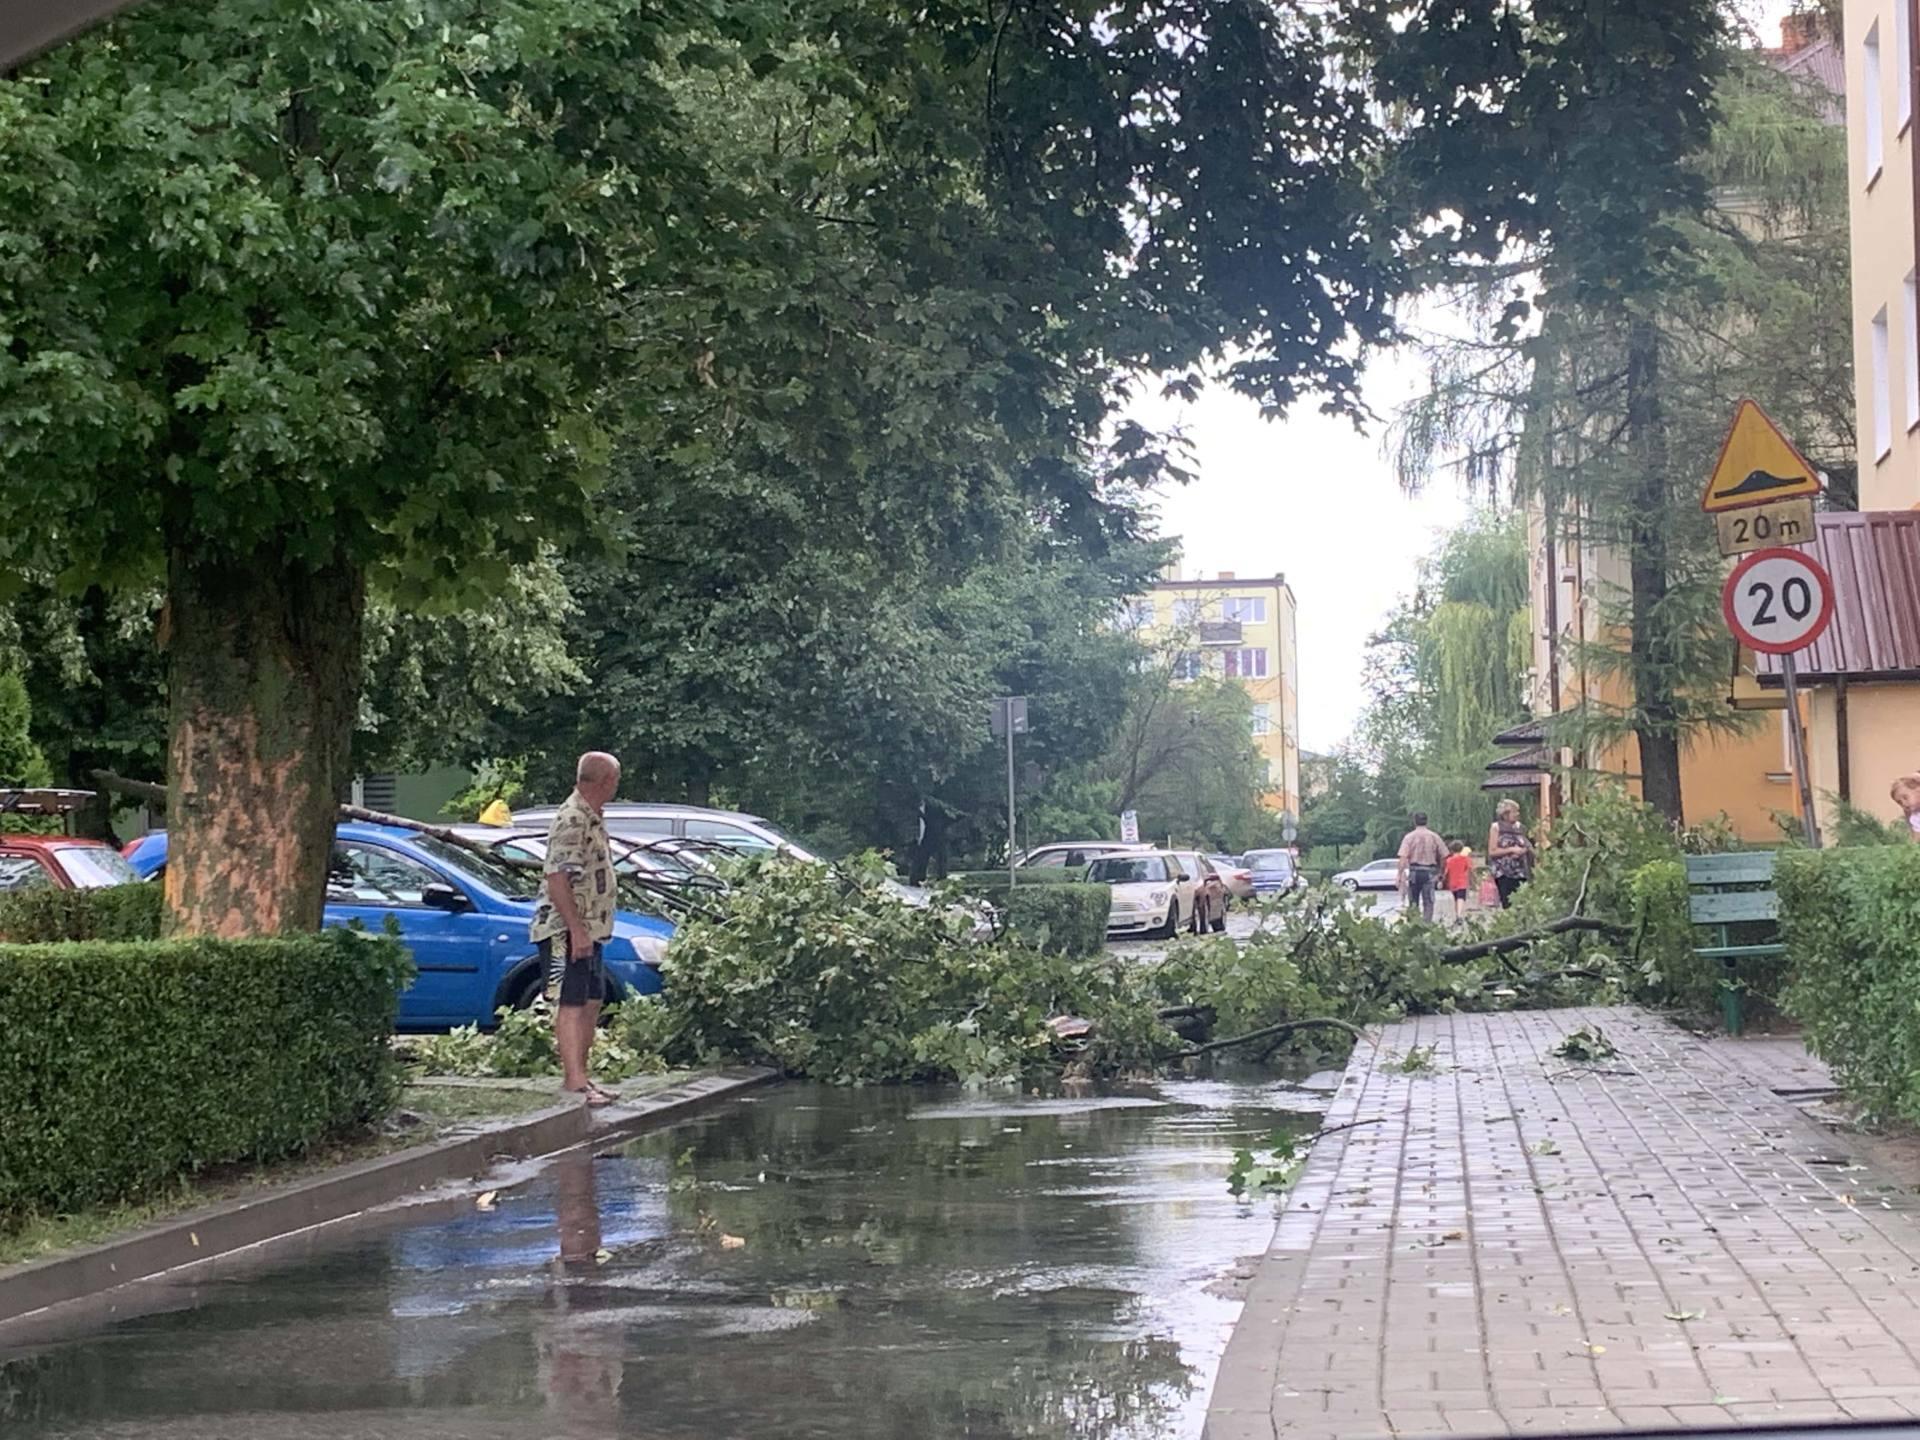 img 0951 Zerwane dachy, połamane drzewa, uszkodzone samochody. Straty po burzy, która przeszła nad Zamojszczyzną